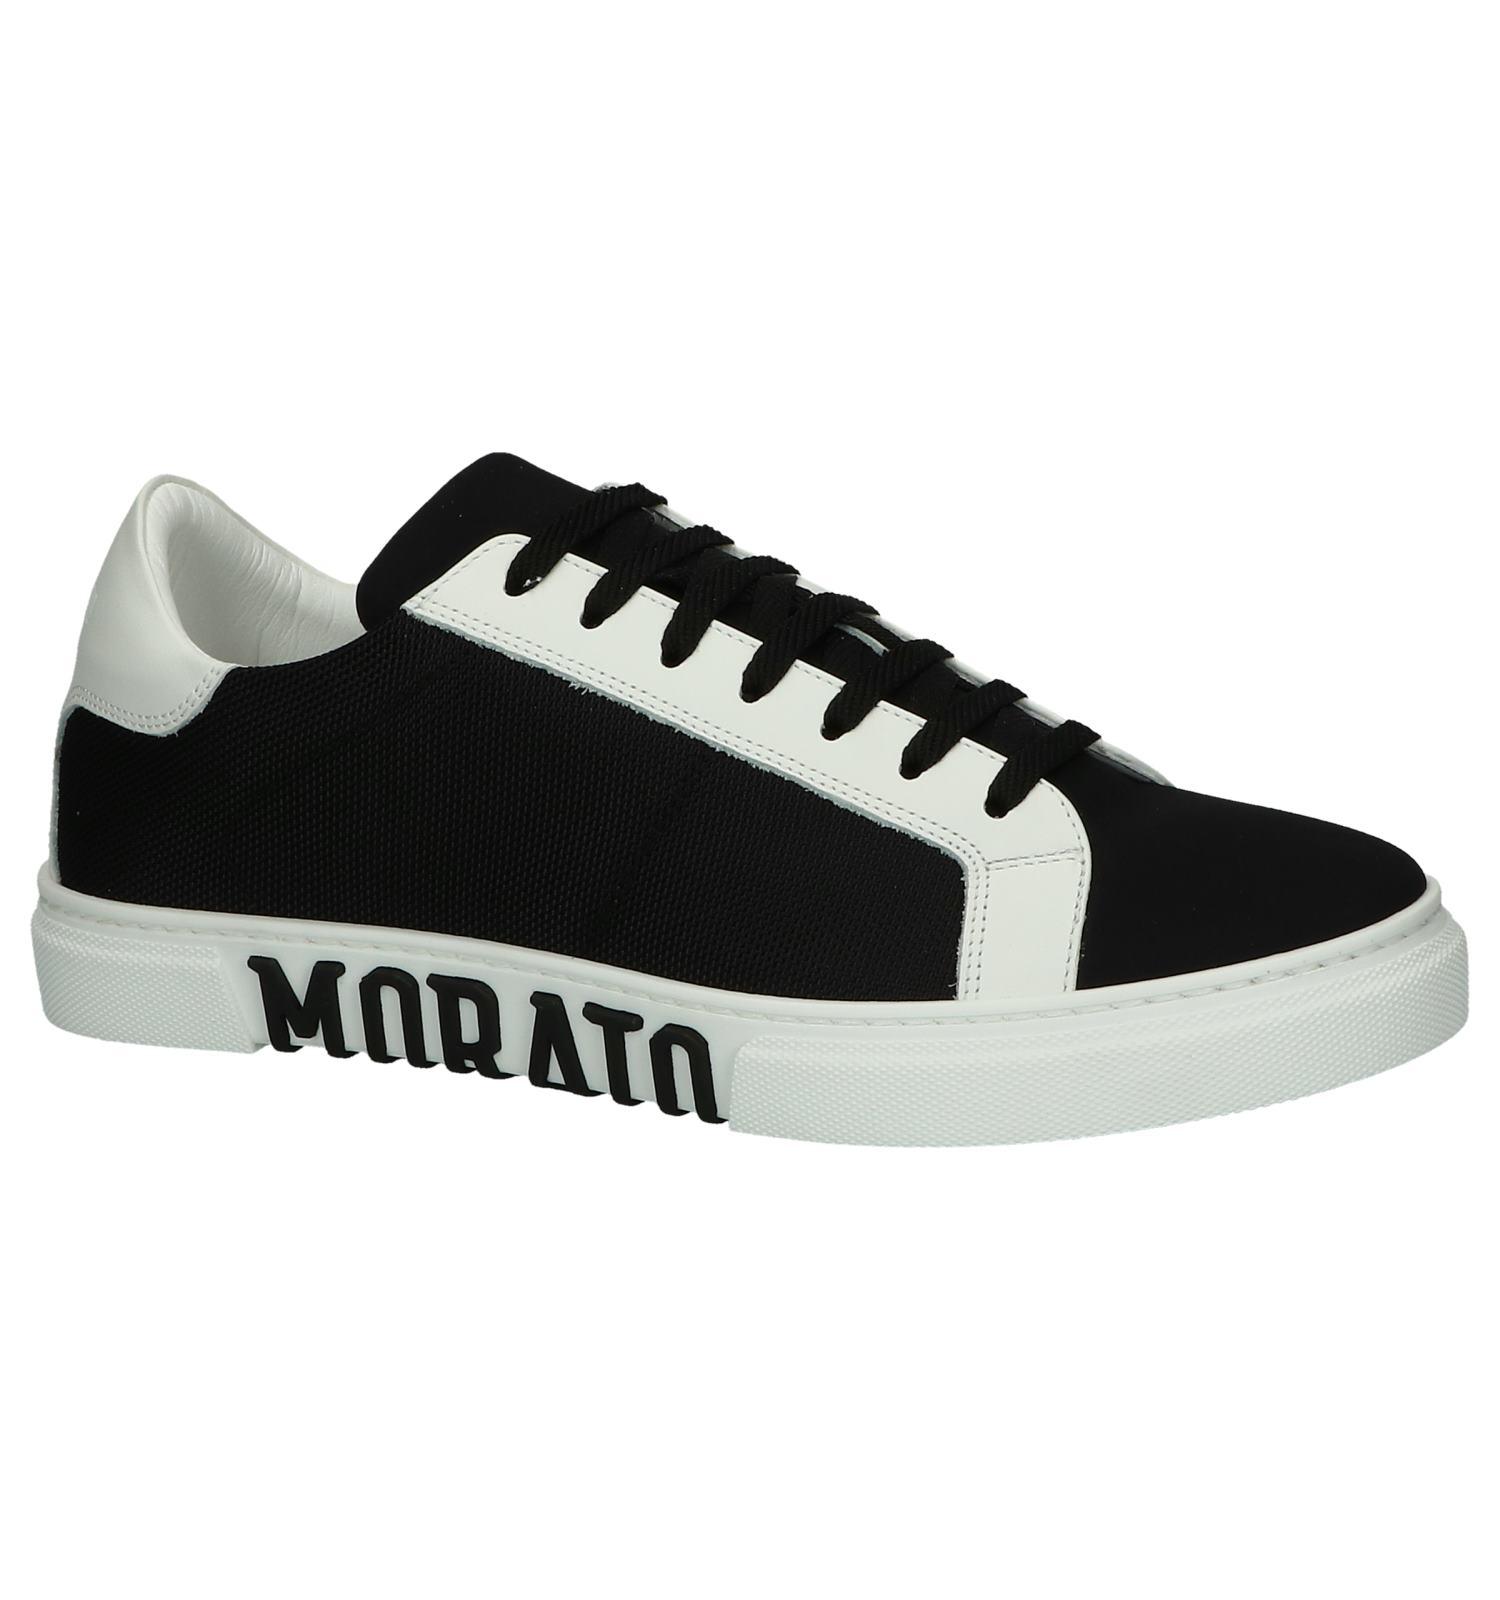 Antony Morato Chaussures basses en Noir | TORFS.BE | Livraison et retour gratuits